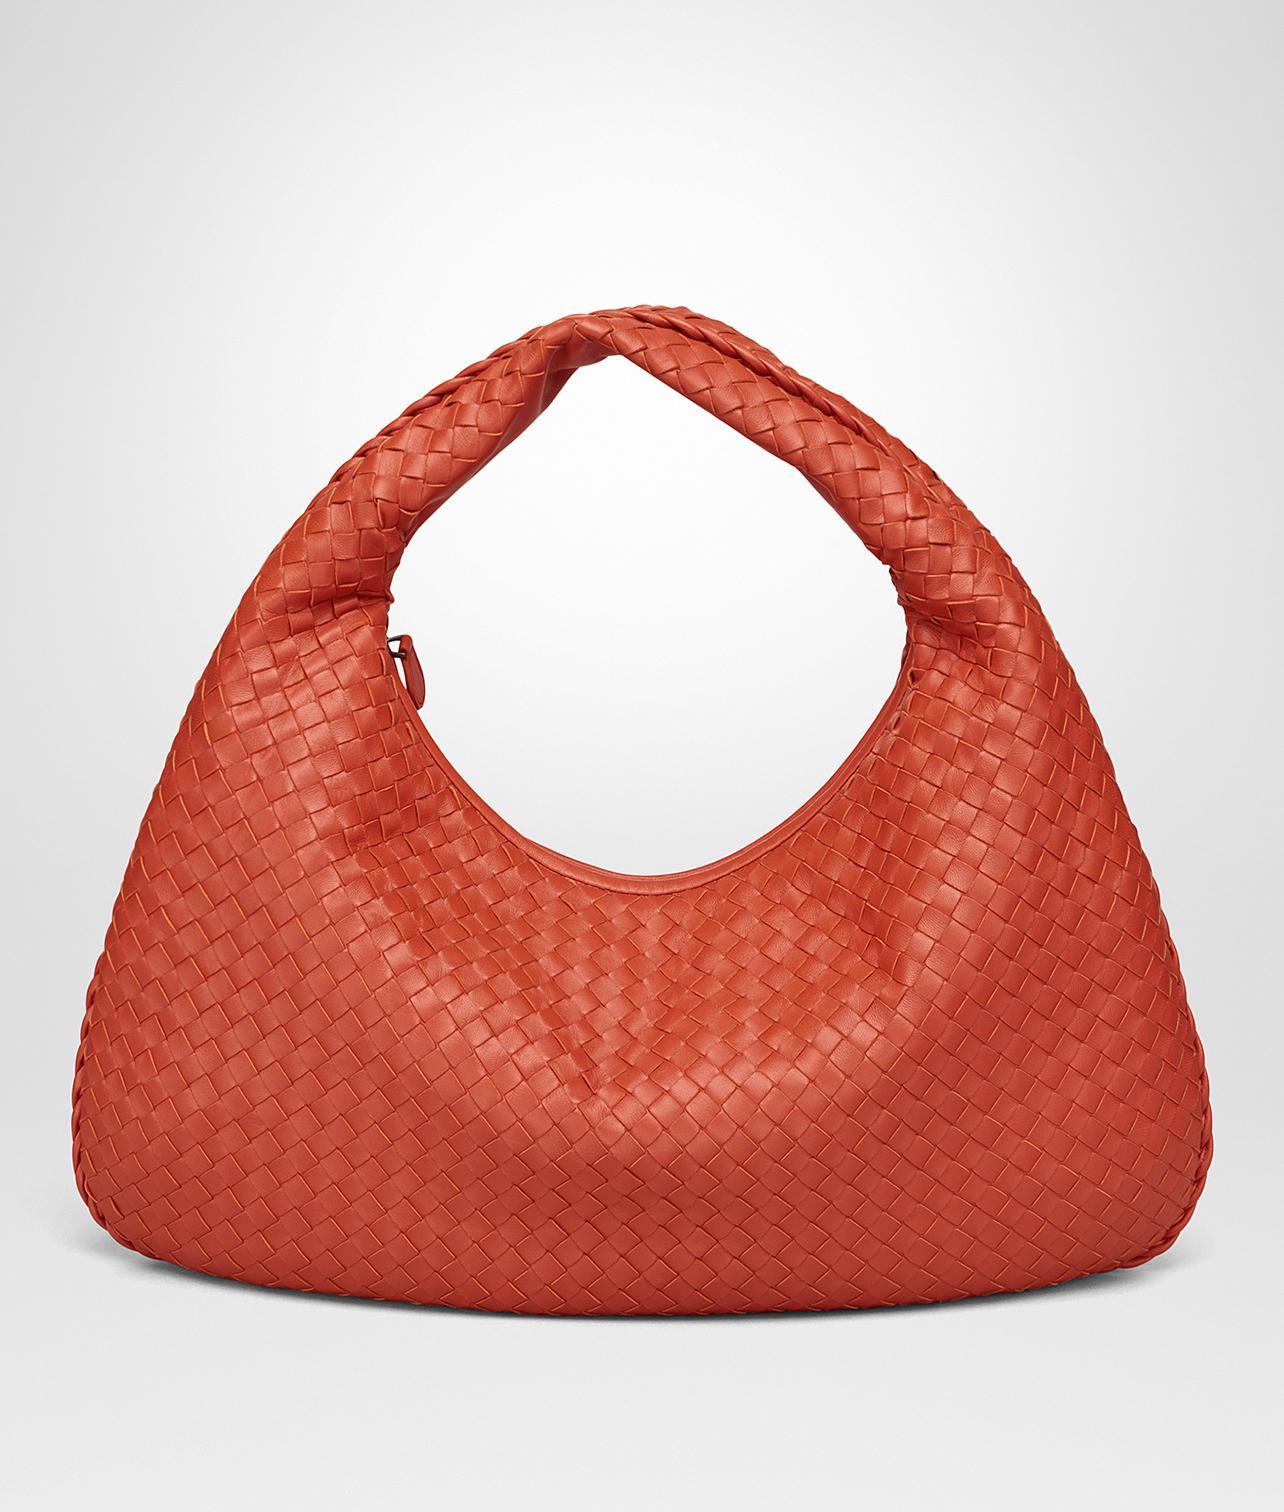 e46c413ea0b4 Bottega Veneta Terracotta Intrecciato Nappa Large Veneta Bag in Red ...